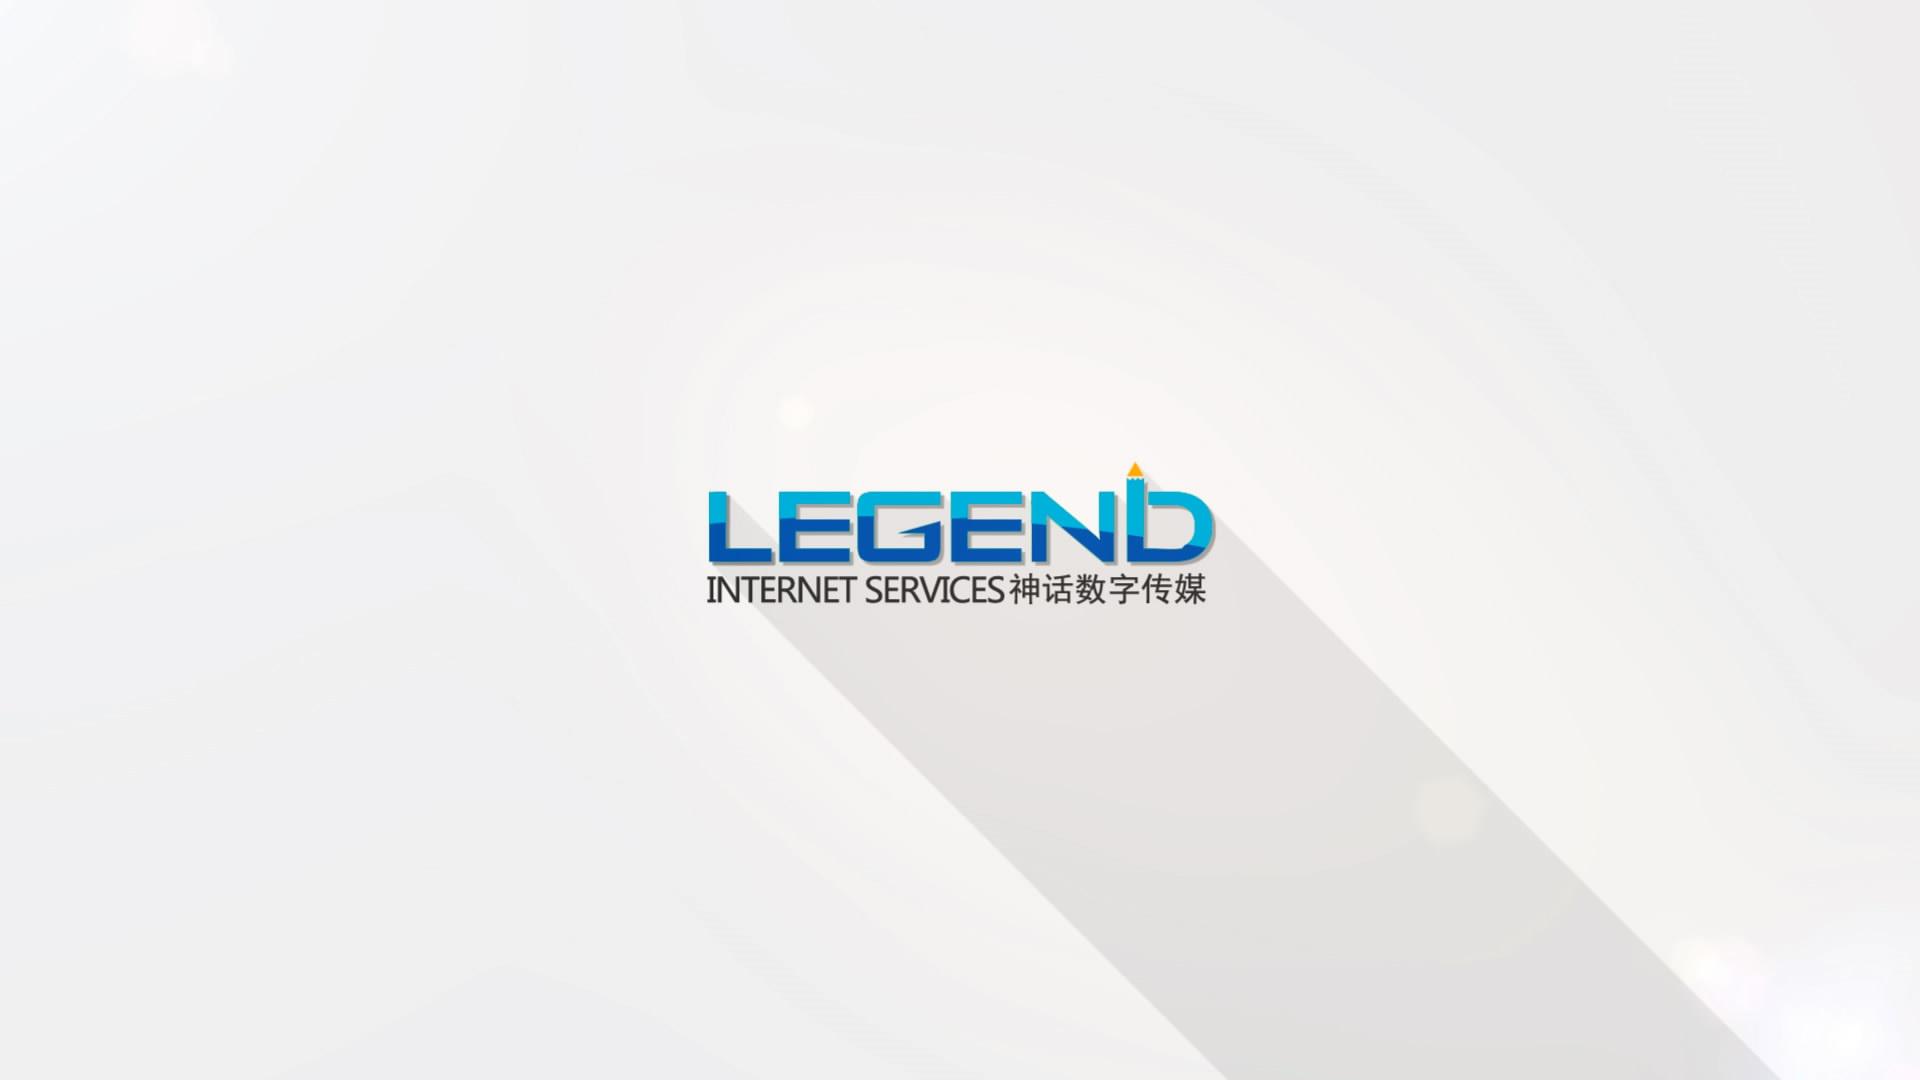 【MG动画】神话数字传媒